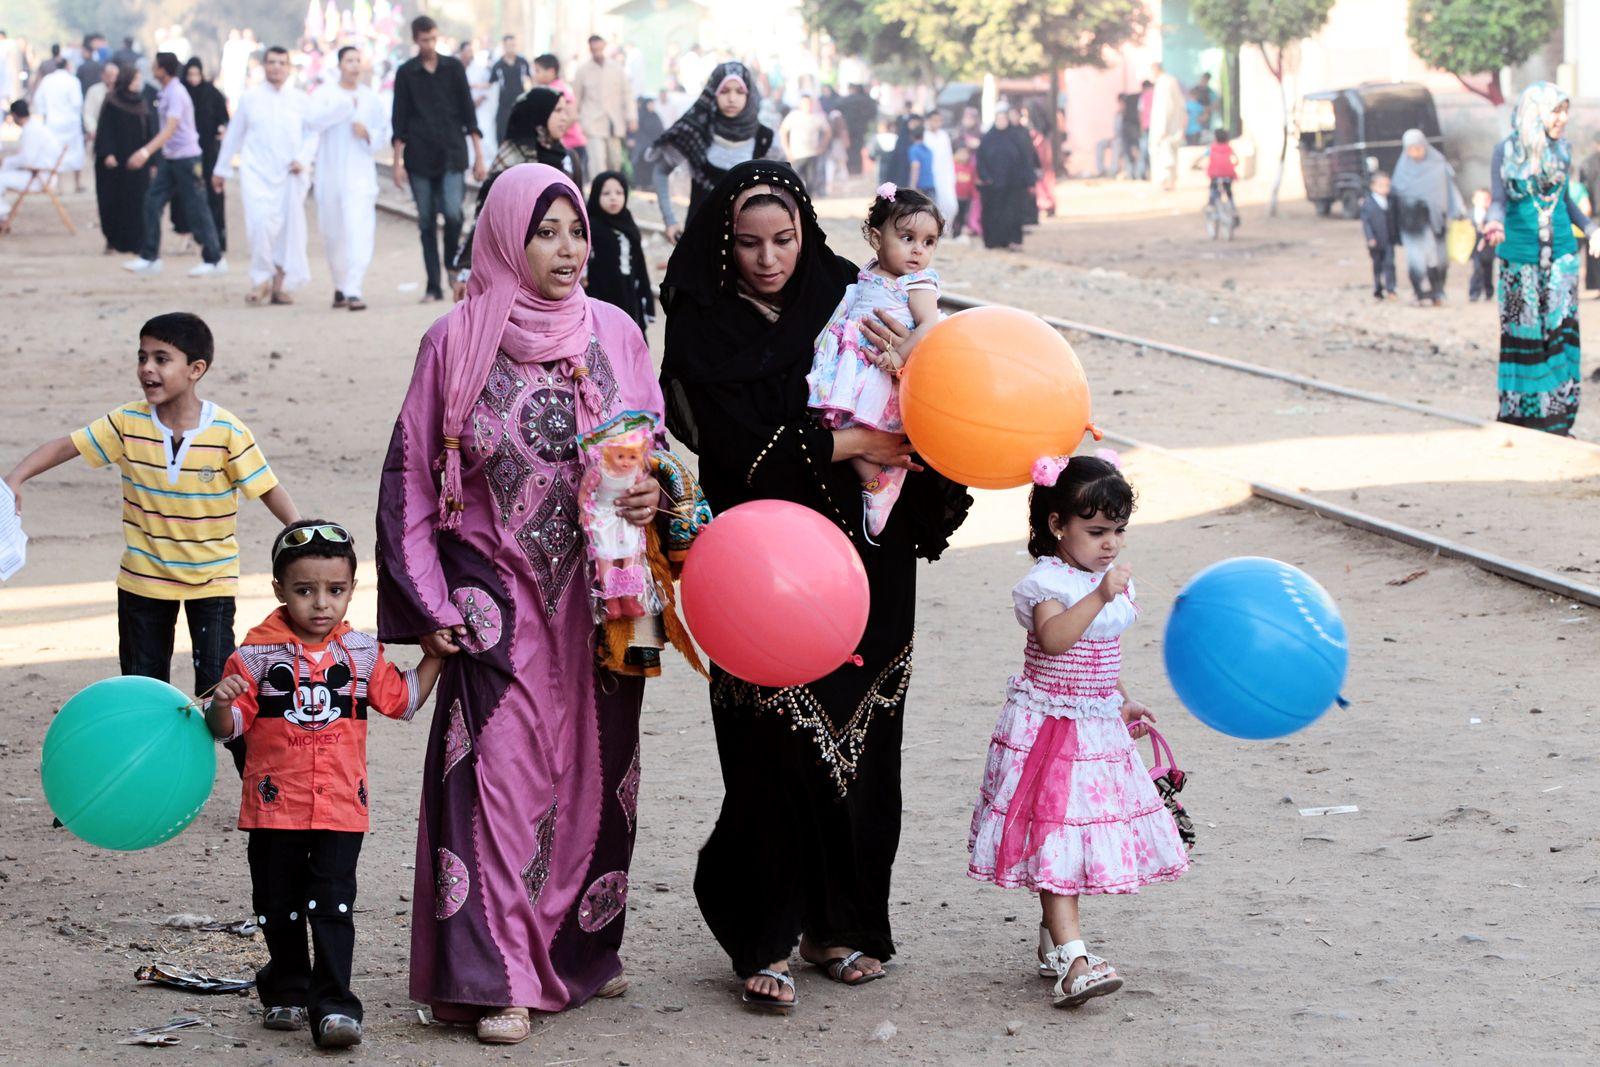 Eid Al-Fitr celebrations in Egypt